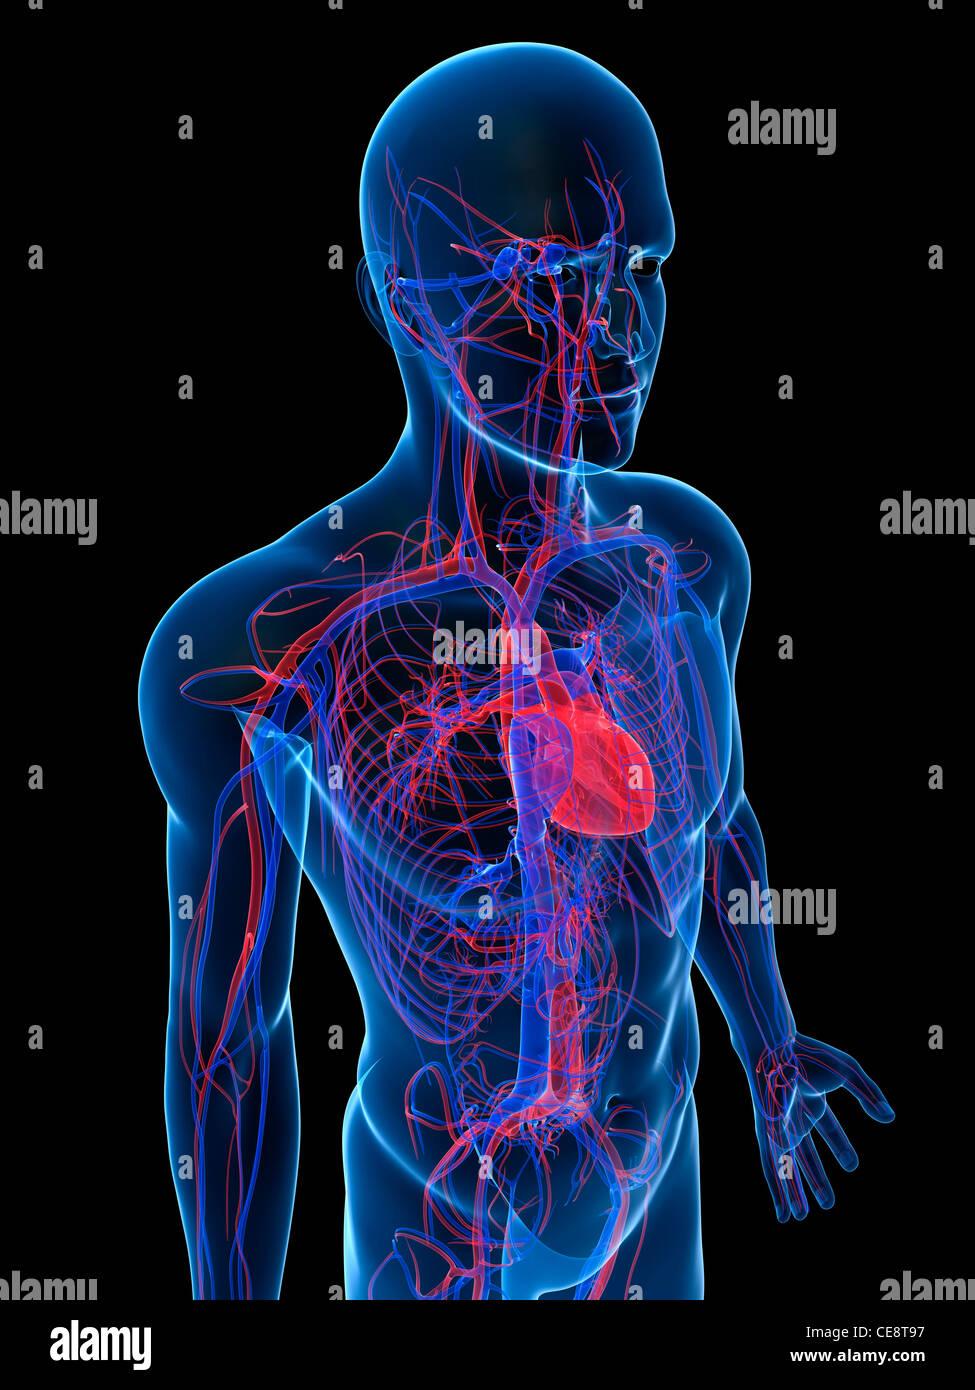 Wunderbar Herz Kreislauf Fotos - Anatomie Und Physiologie Knochen ...